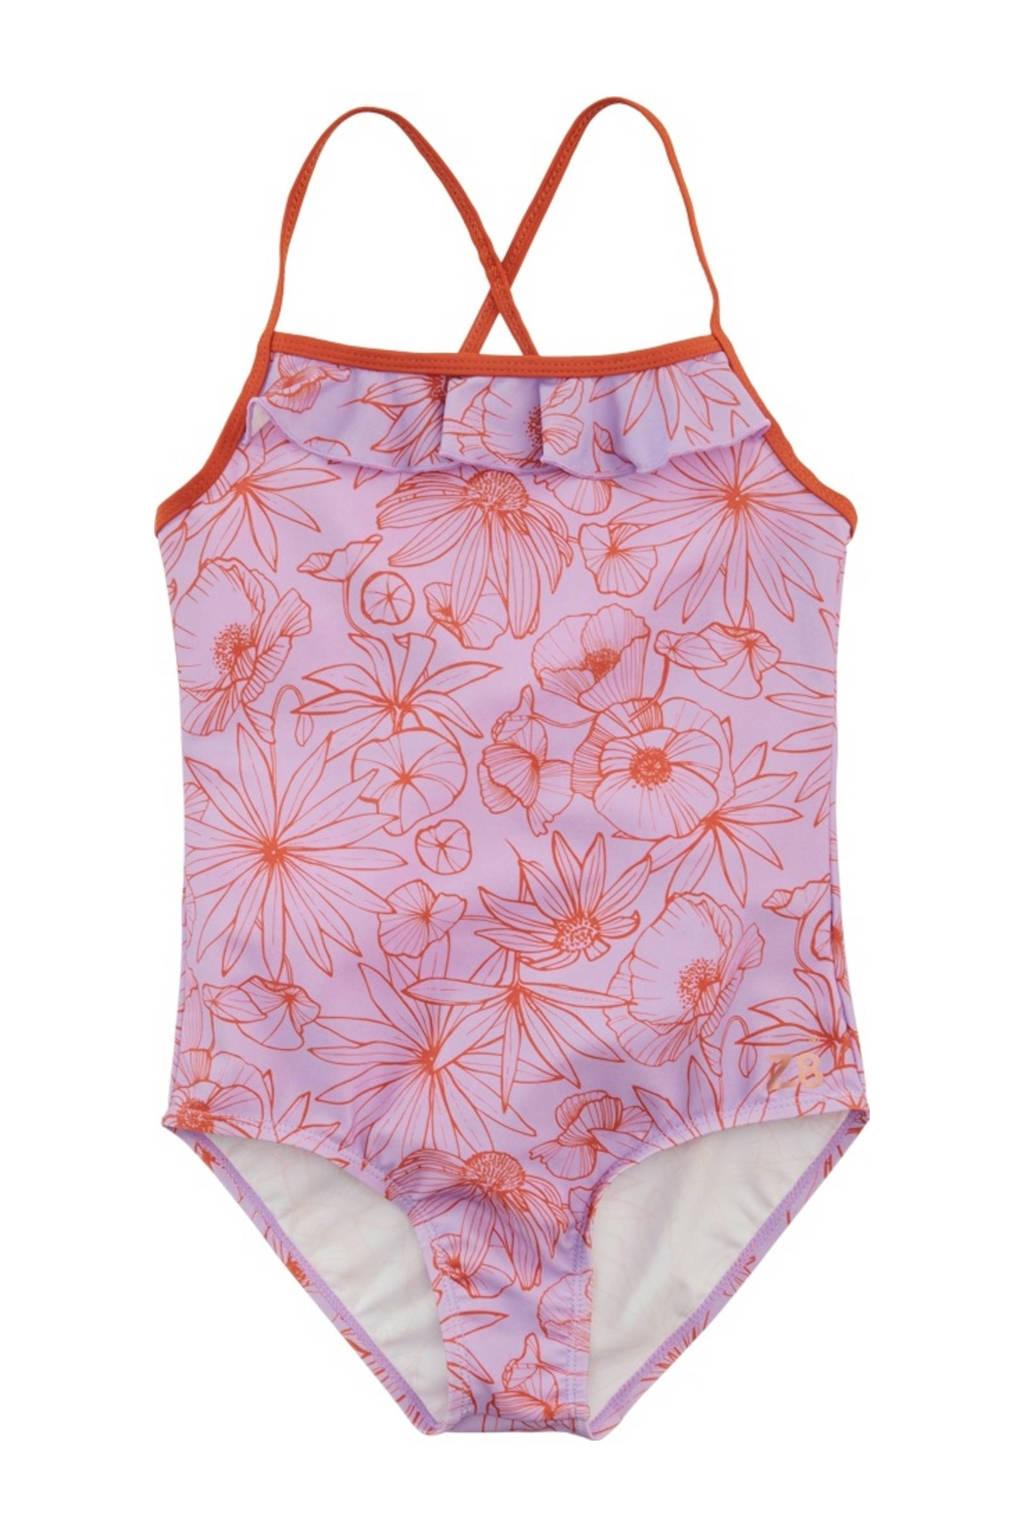 Z8 badpak Flo met all over print lila/donker oranje, Lila/roestbruin